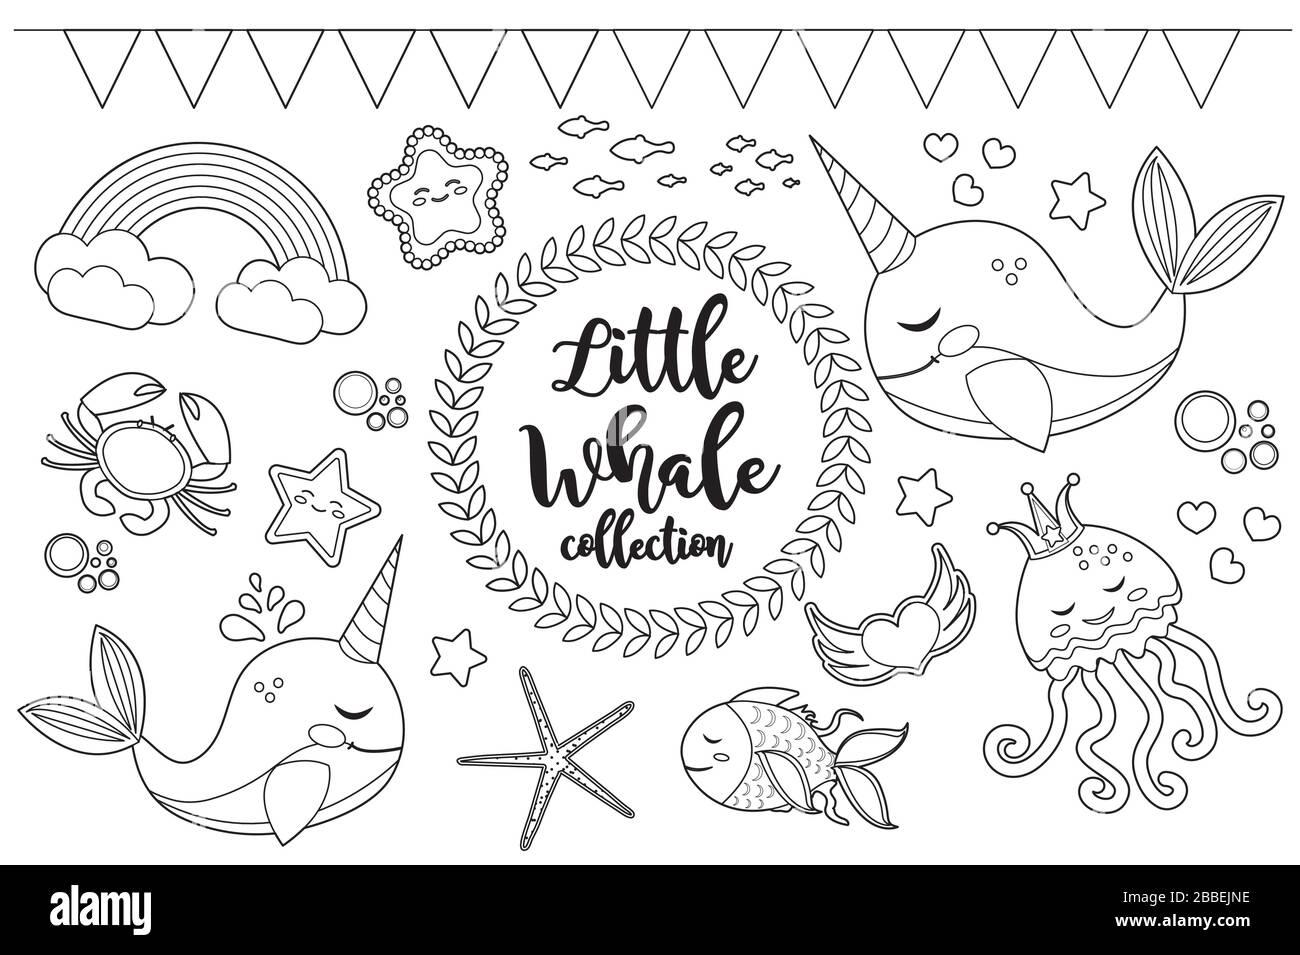 Little Wal Einhorn Set Malvorlagen für Kinder. Sammlung von